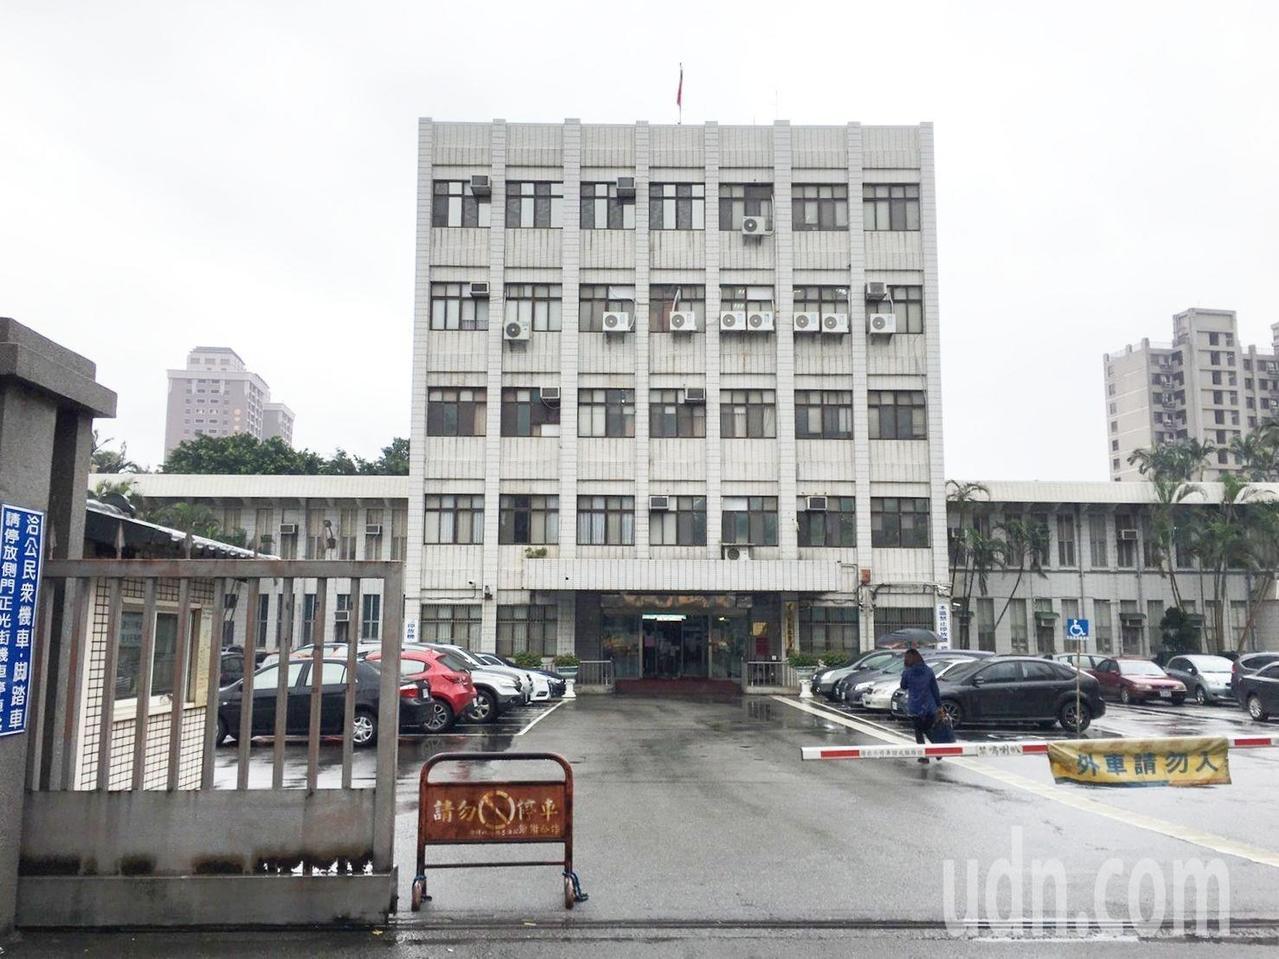 法院依業務侵占、偽造文書等,共判處劉男1年5個月徒刑。記者曾健祐/攝影